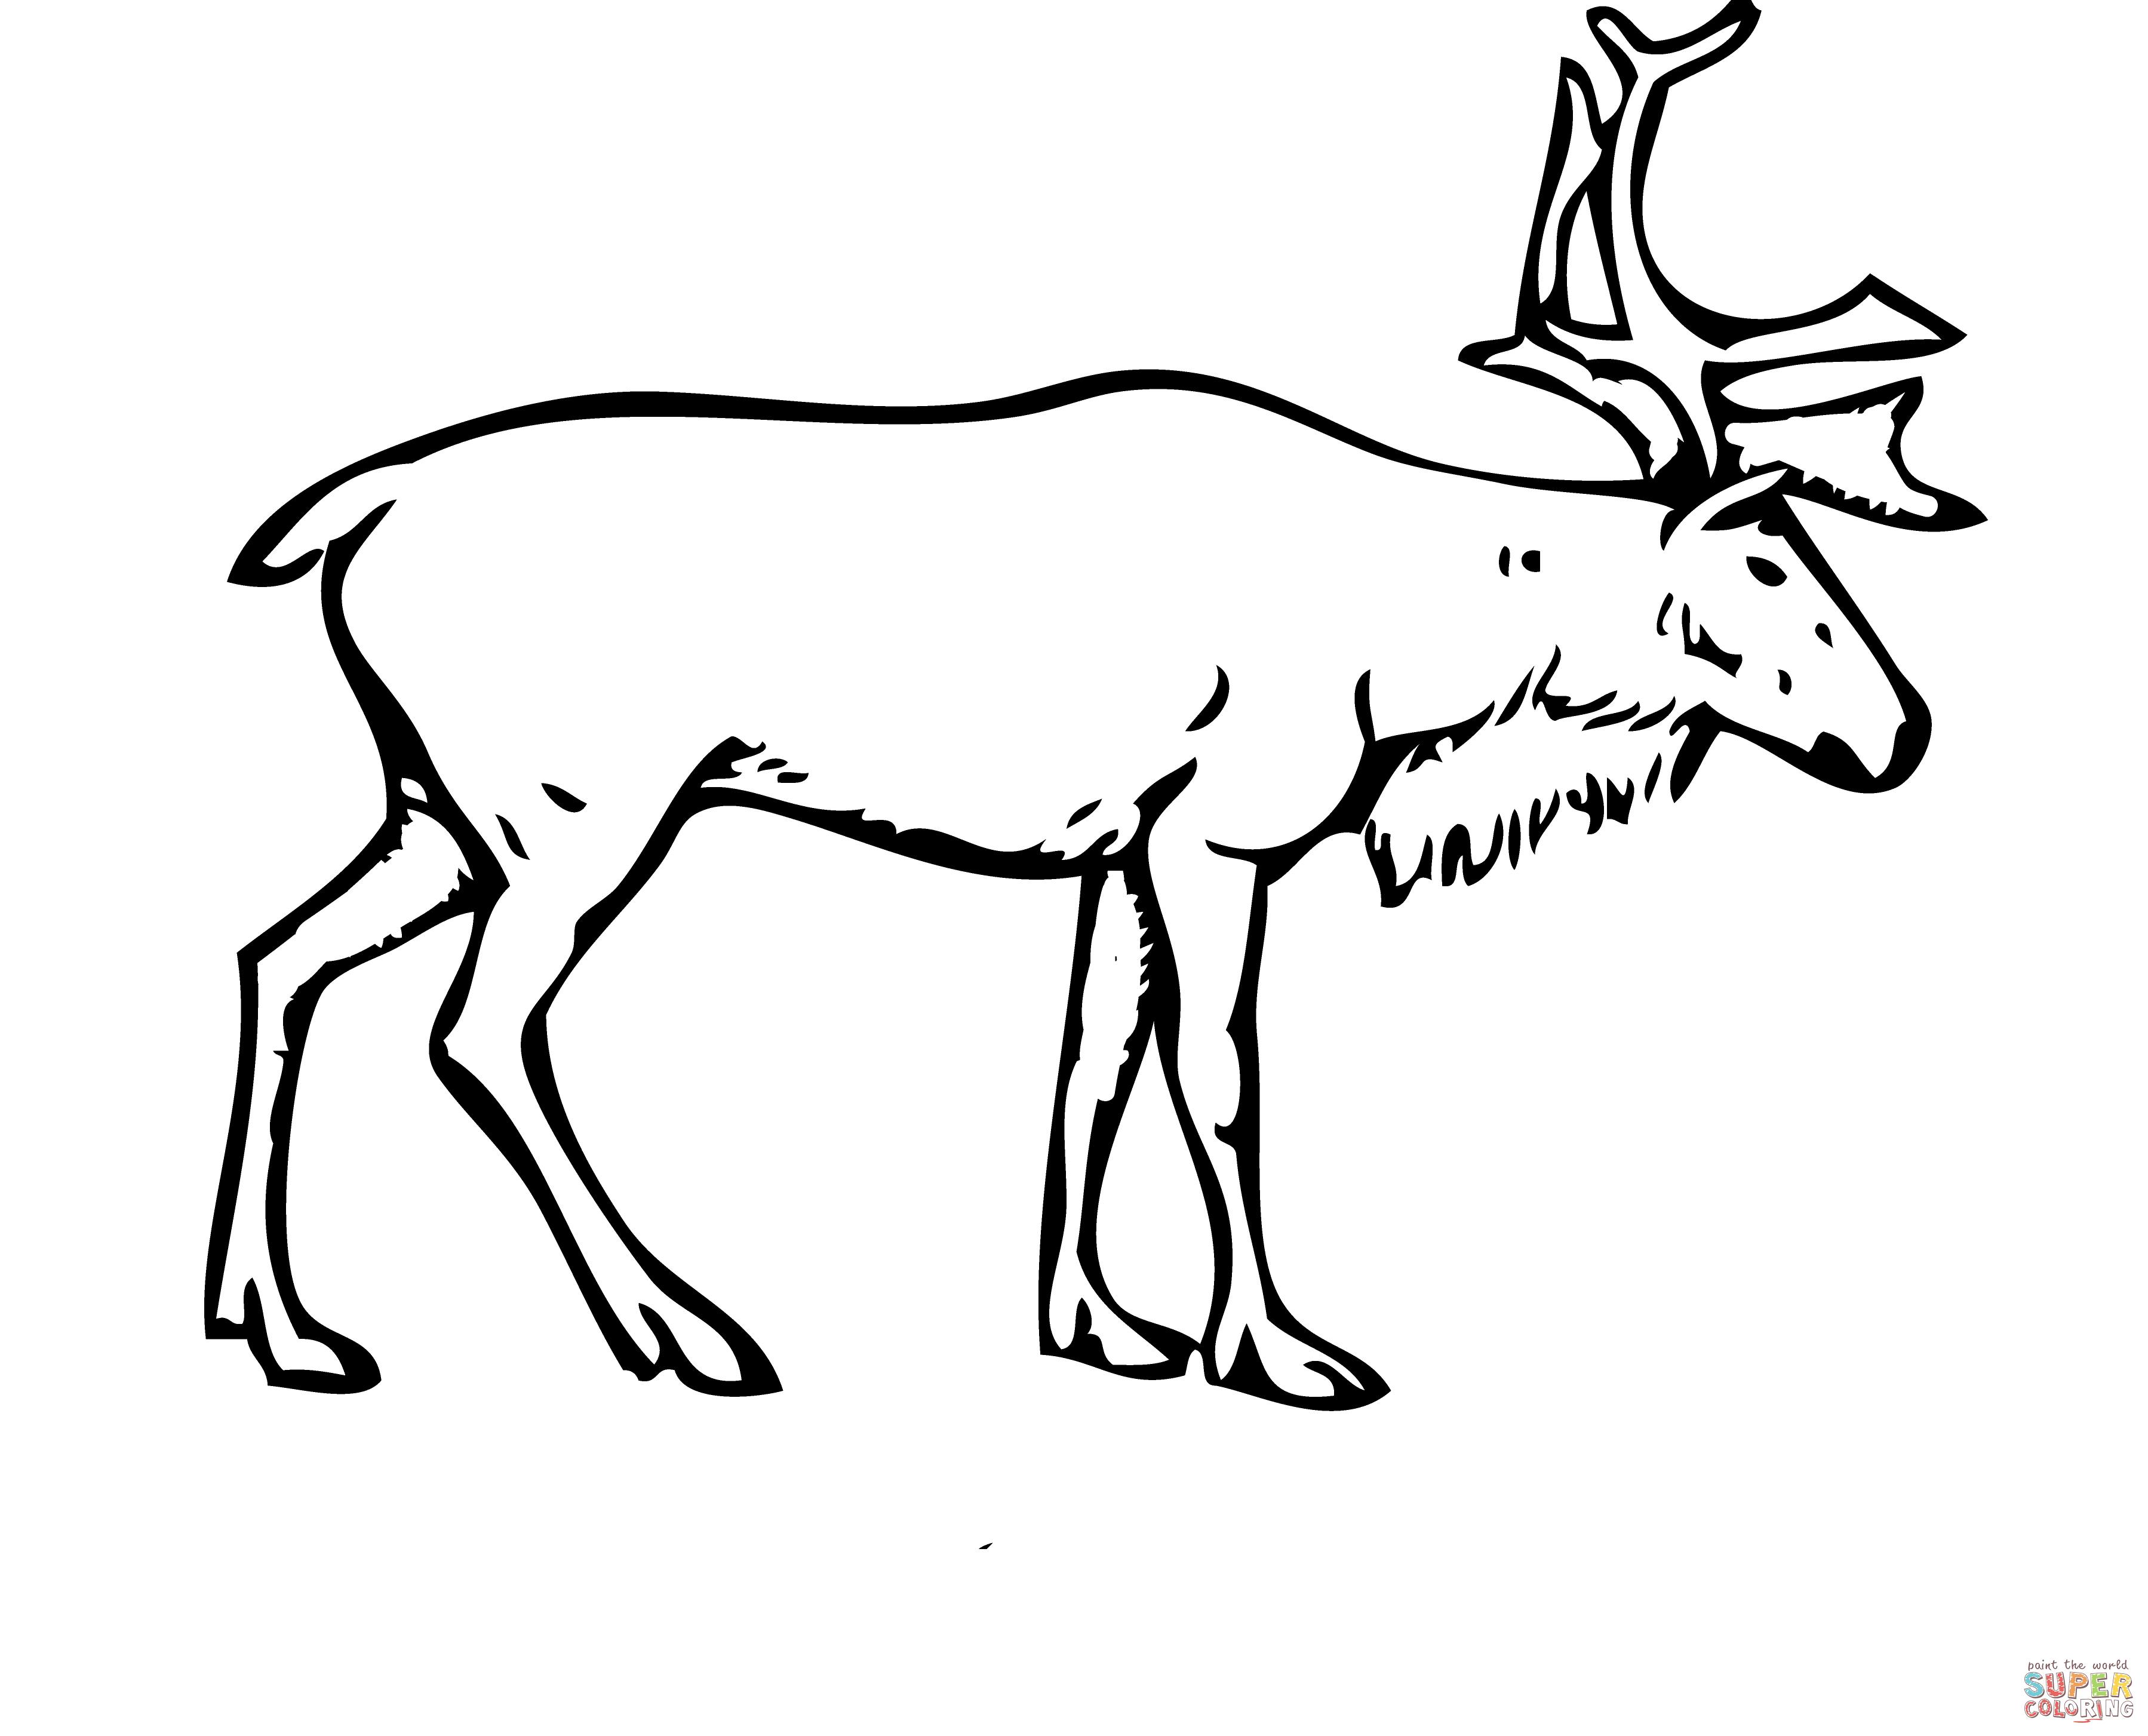 Deer Coloring Pages Reindeer Deer Coloring Page Free Printable Coloring Pages